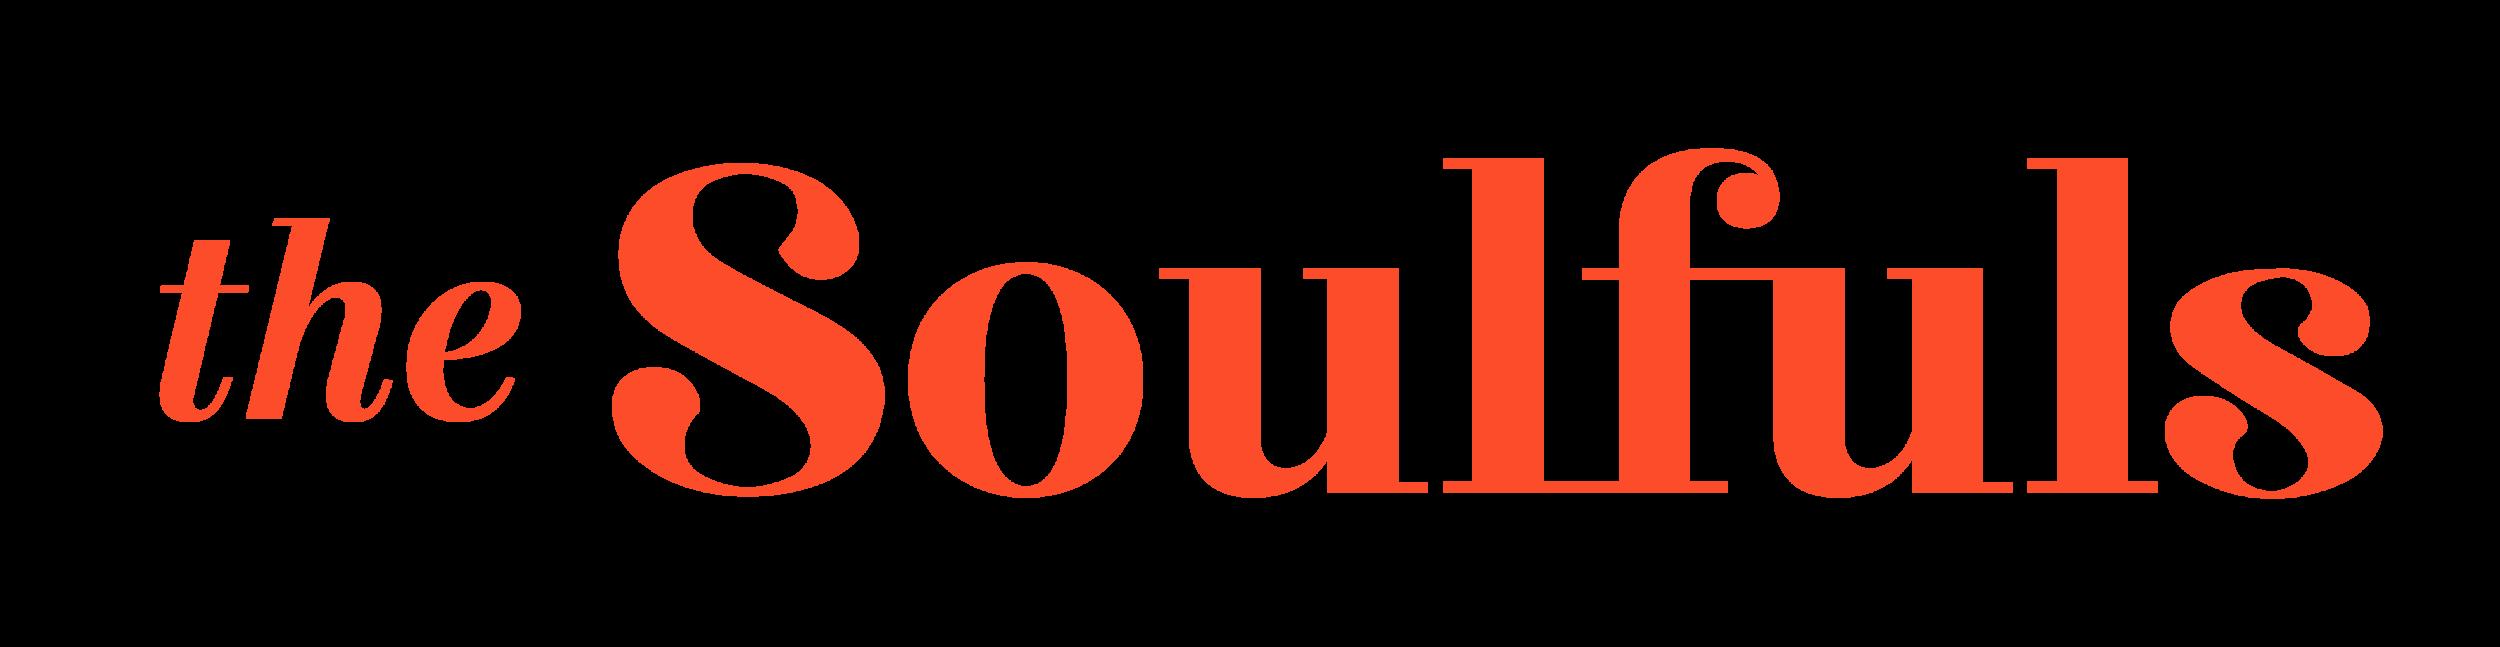 thesoulfuls_alllogooptions-08-08.png